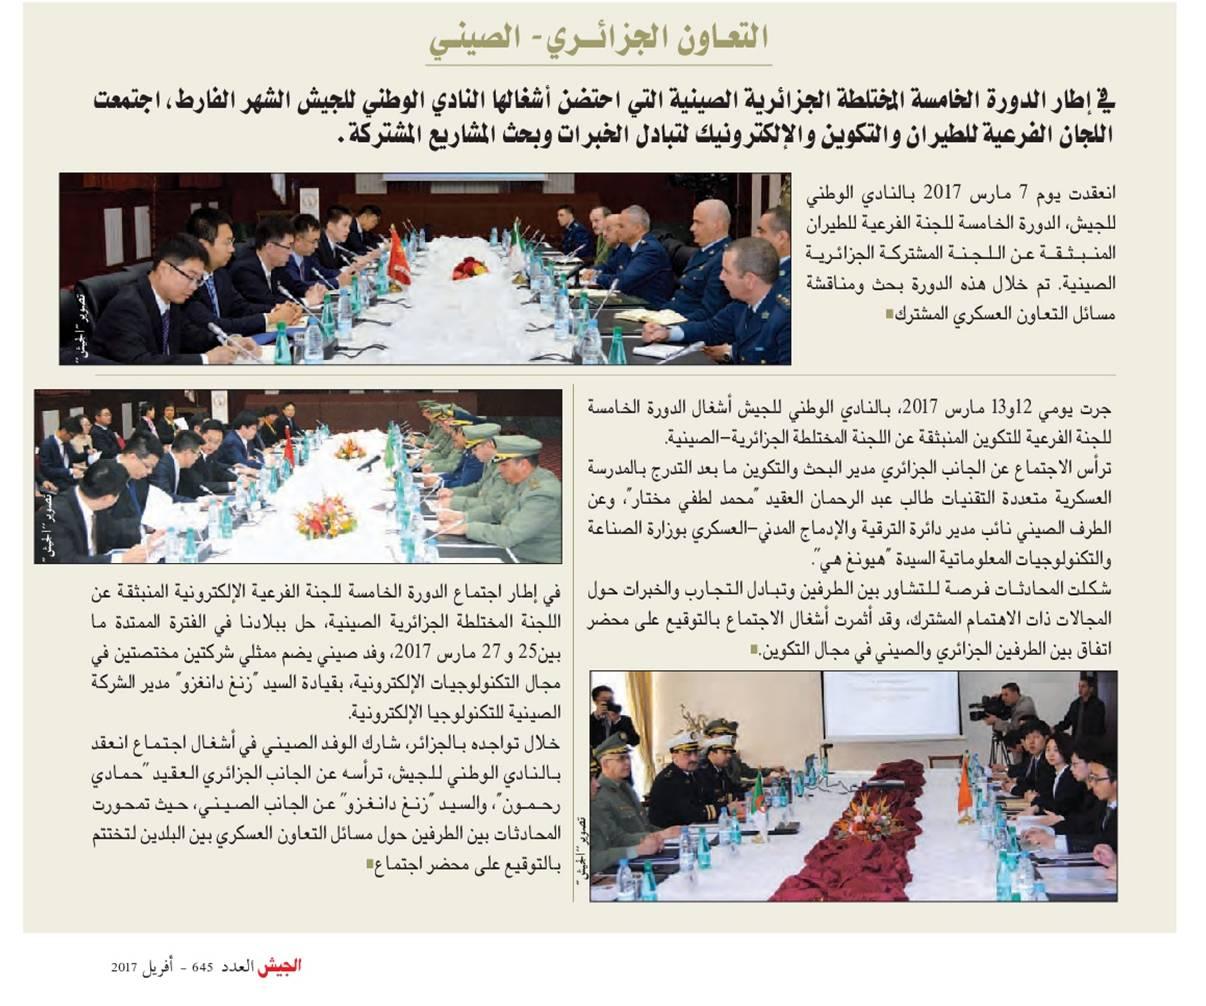 الجزائر تستلم اول كورفيت من اصل ثلاثة كورفيتات الصينية [  C28A / الظافر 920  ] - صفحة 7 33471737650_5f582692ff_o